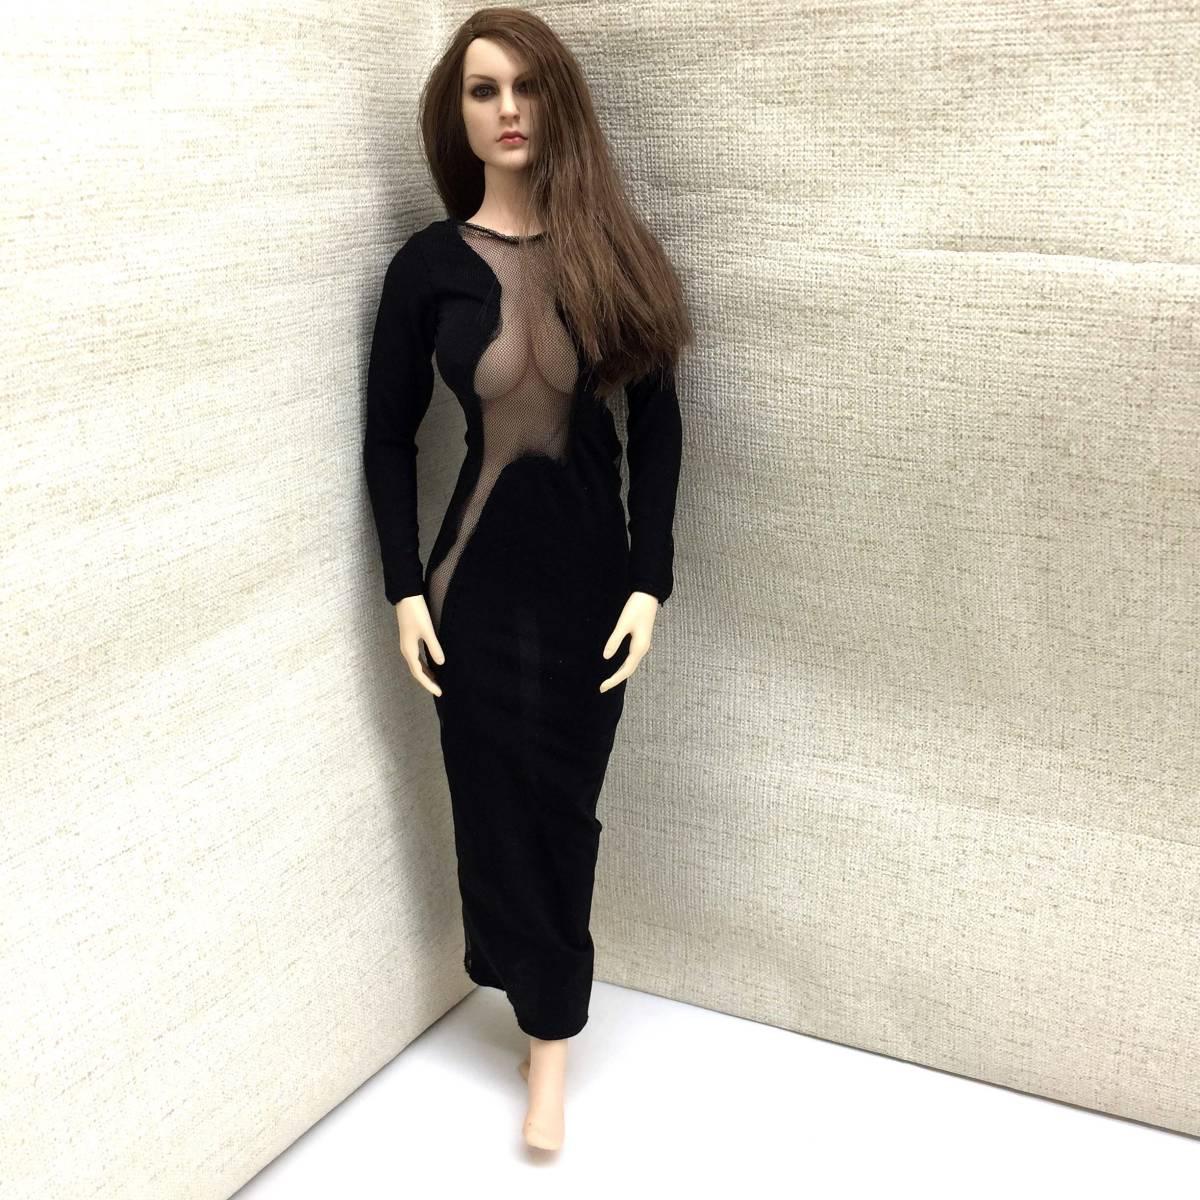 送料無料 美品 1/6サイズ PHICEN ファイセン素体対応 女性フィギュア用 ドレス 番号A58_画像1